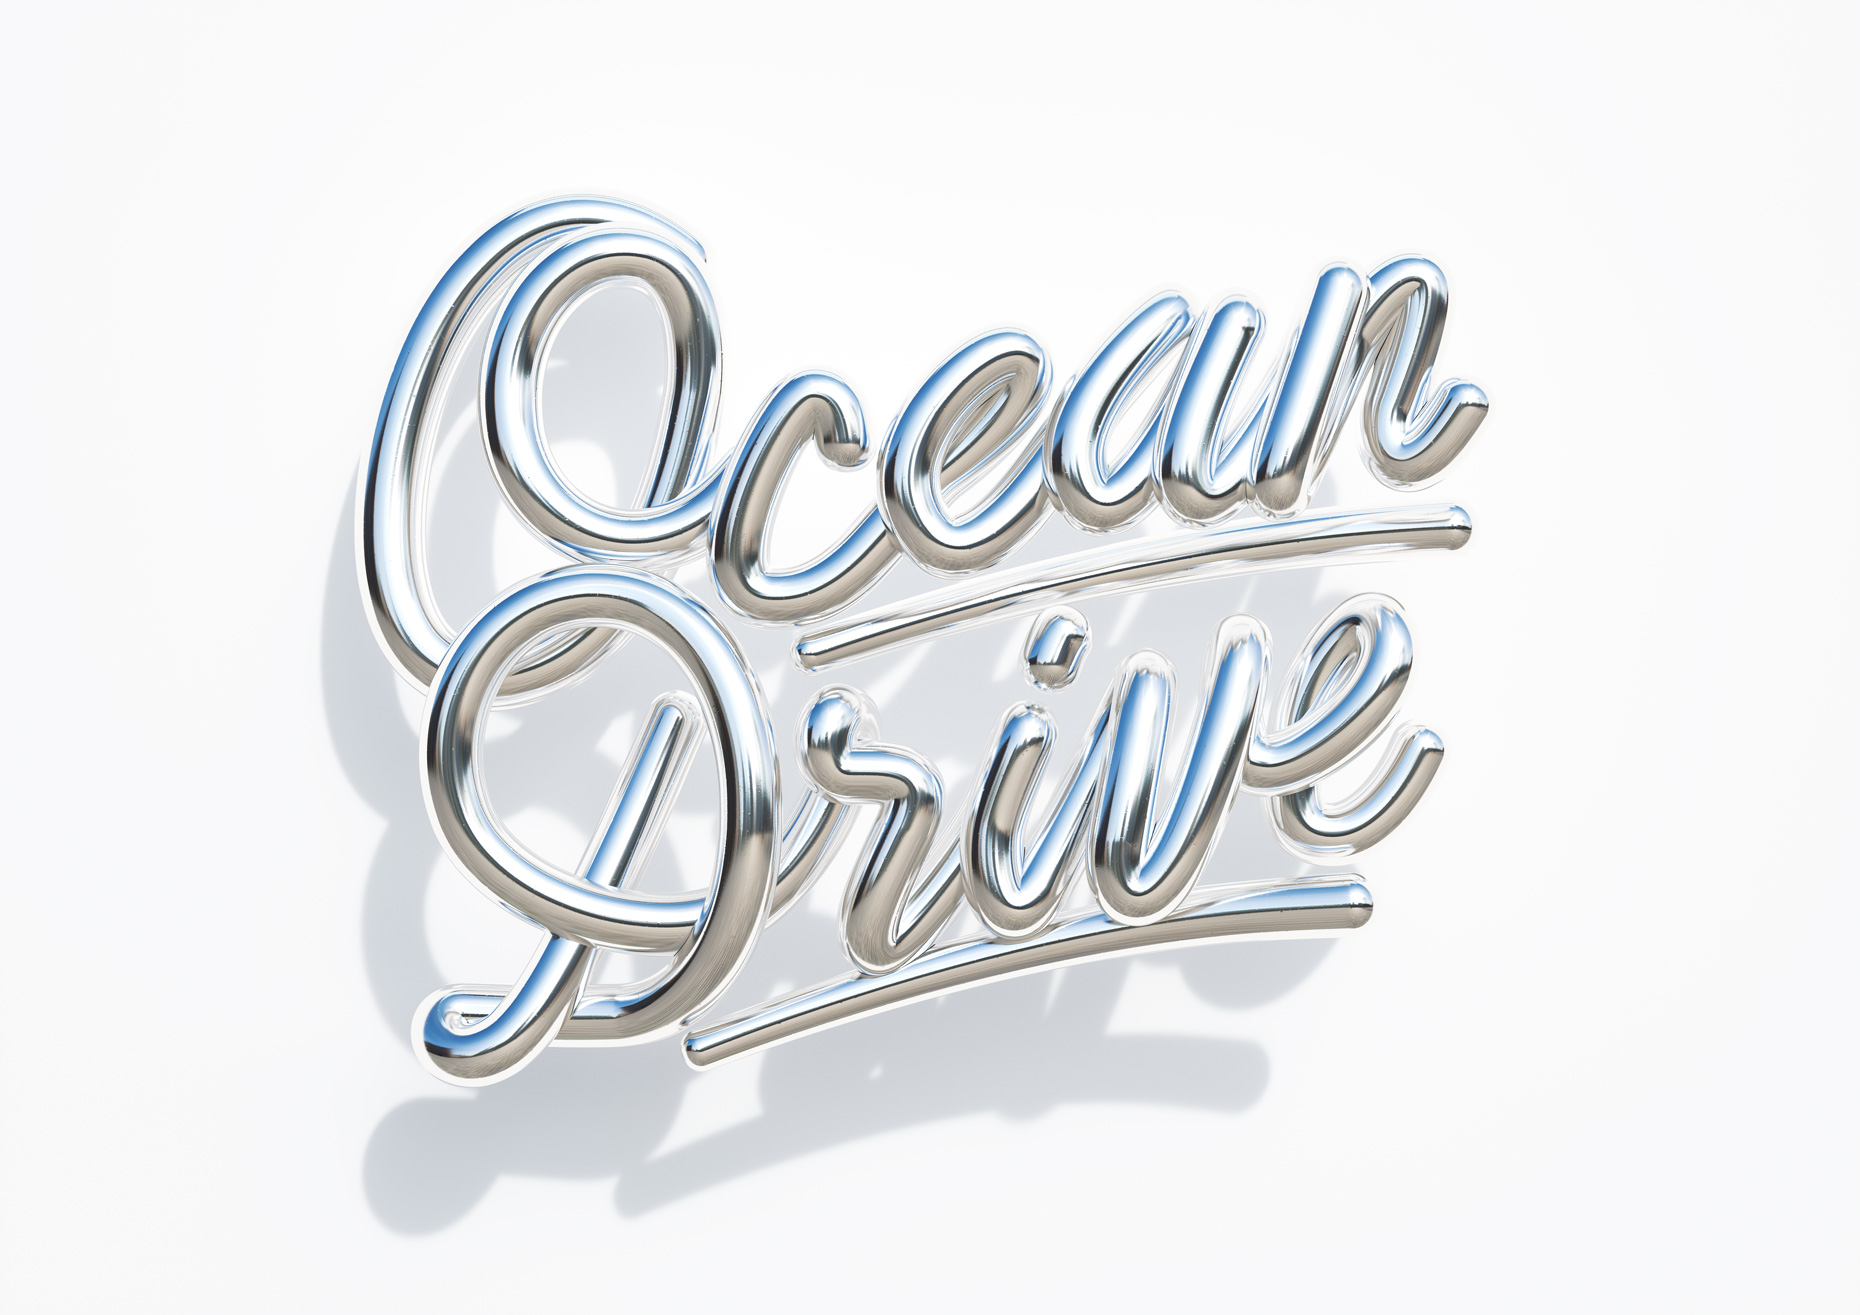 OceanDrive_Miami_Type_BenFearnley.jpg